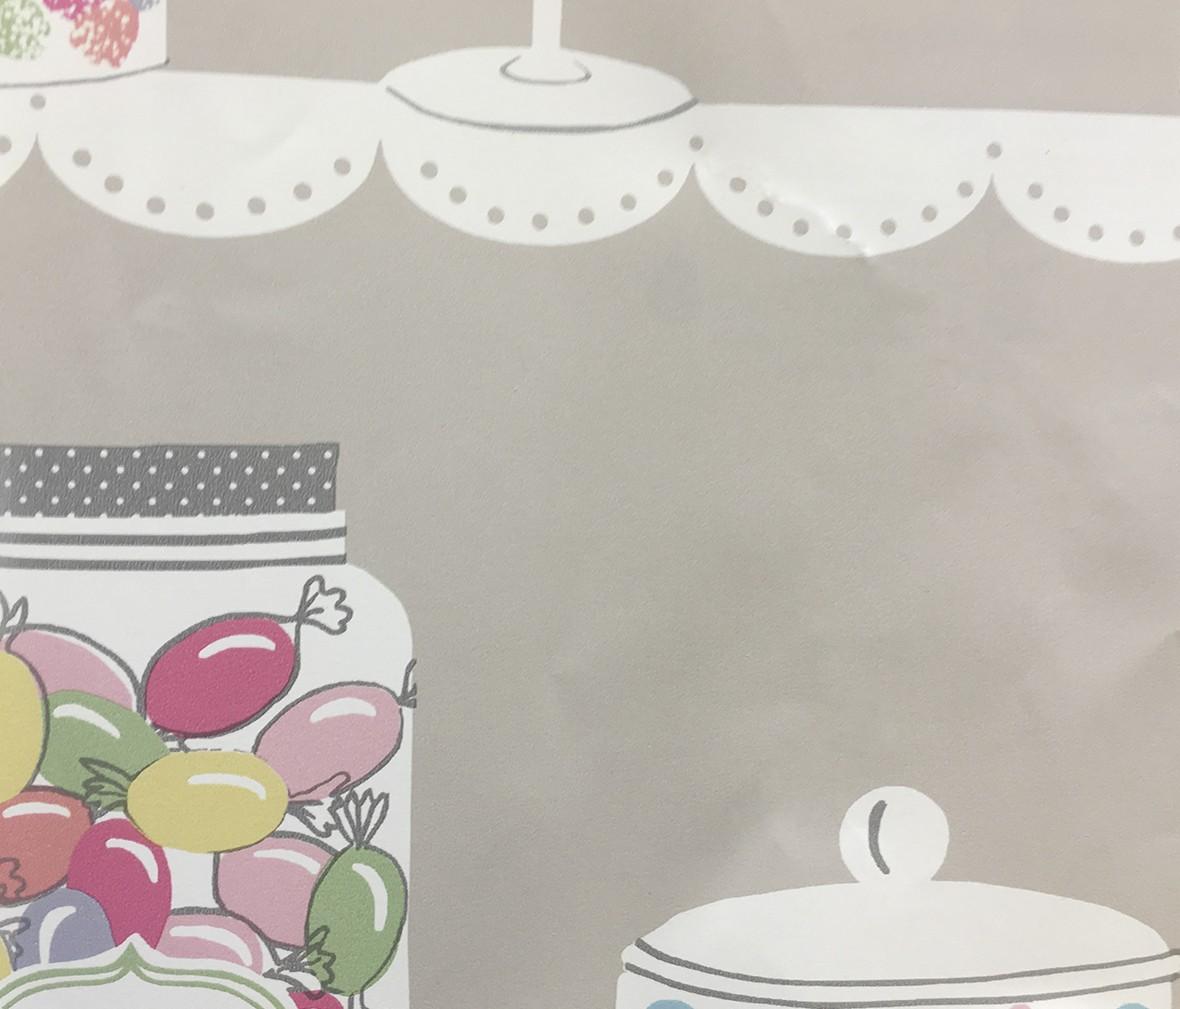 格莱美壁纸 糖果乐园系列JB80000型号壁纸 进口环保纯纸墙纸 图片、价格、品牌、评测样样齐全!【蓝景商城正品行货,蓝景丽家大钟寺家居广场提货,北京地区配送,领券更优惠,线上线下同品同价,立即购买享受更多优惠哦!】